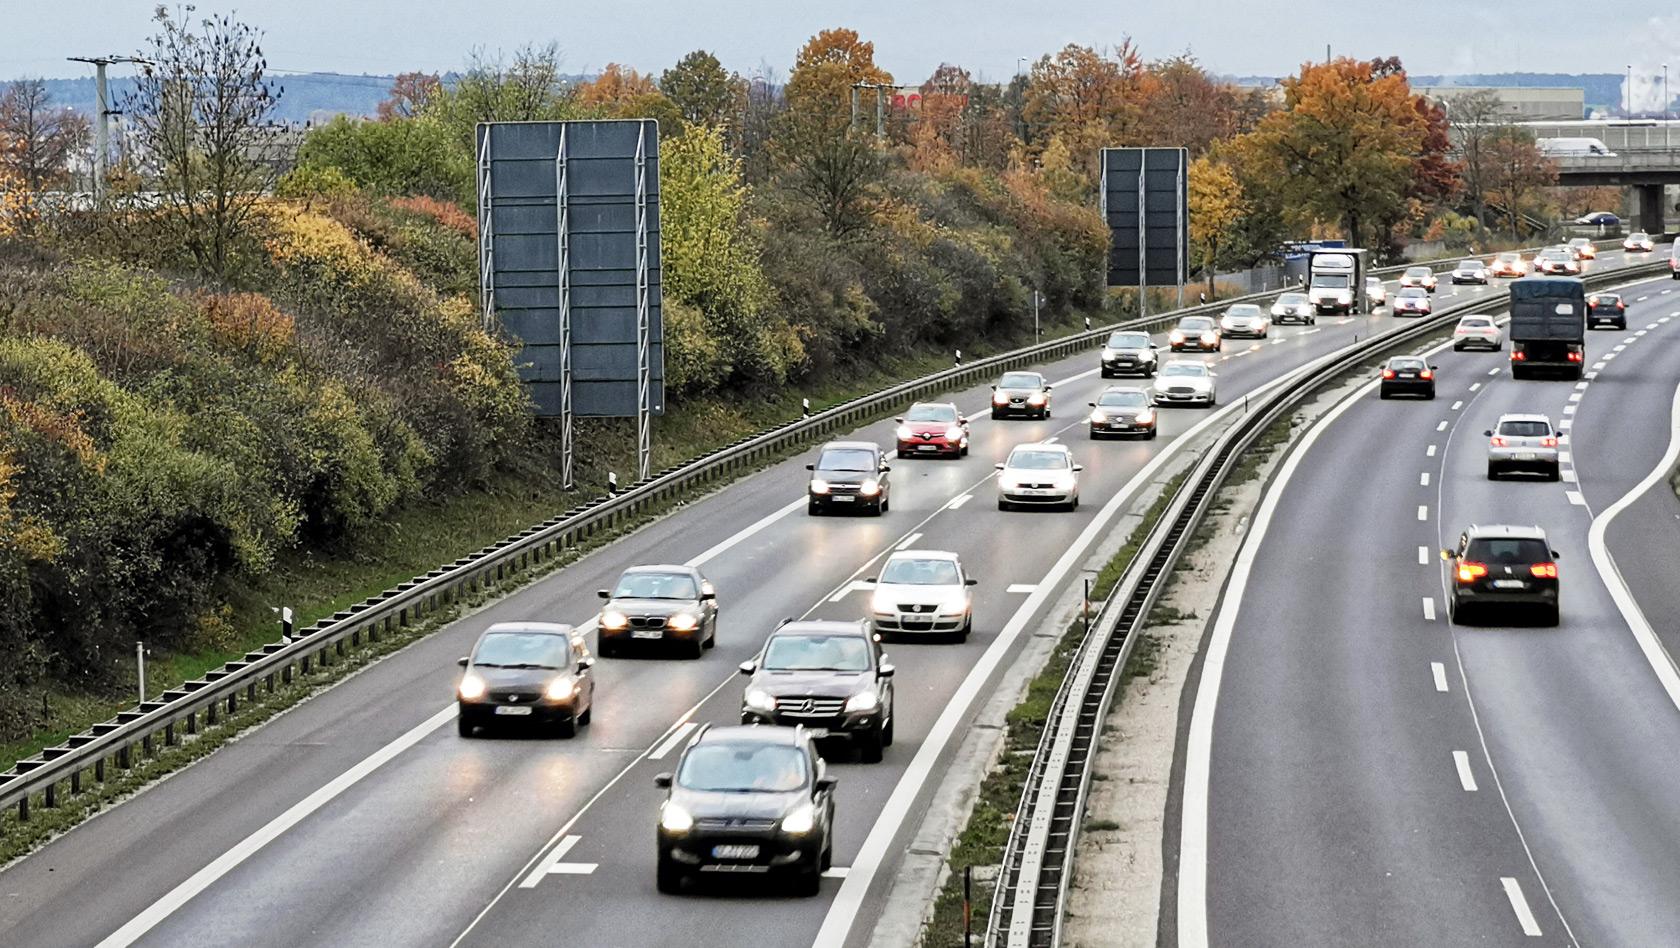 Niederlande Autobahn Höchstgeschwindigkeit